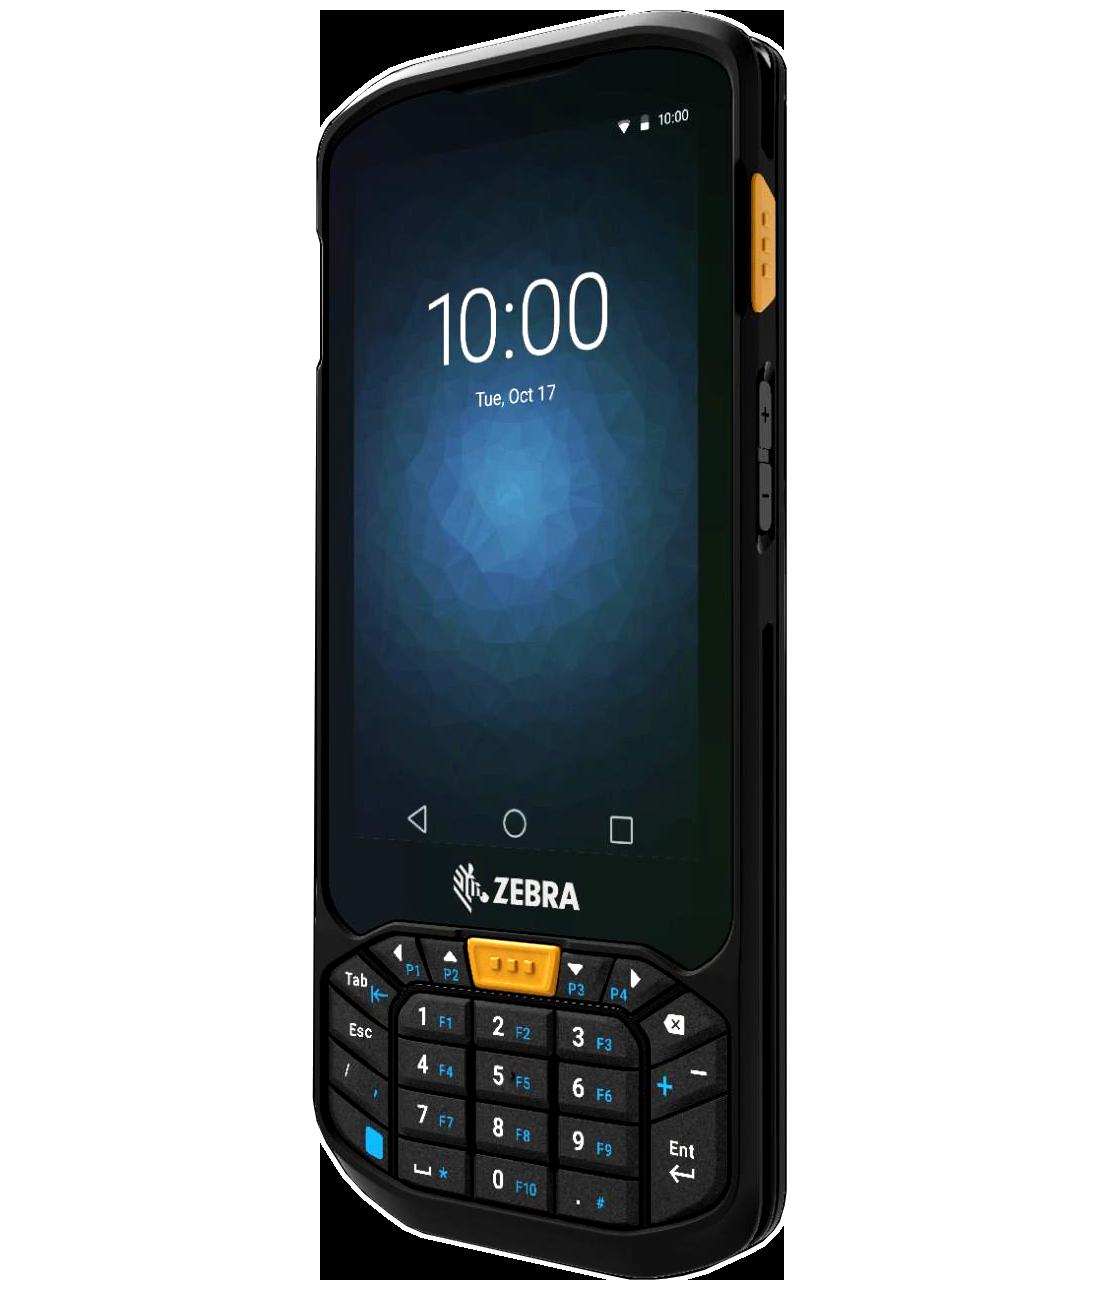 TC20 モバイルコンピュータ(Android端末)